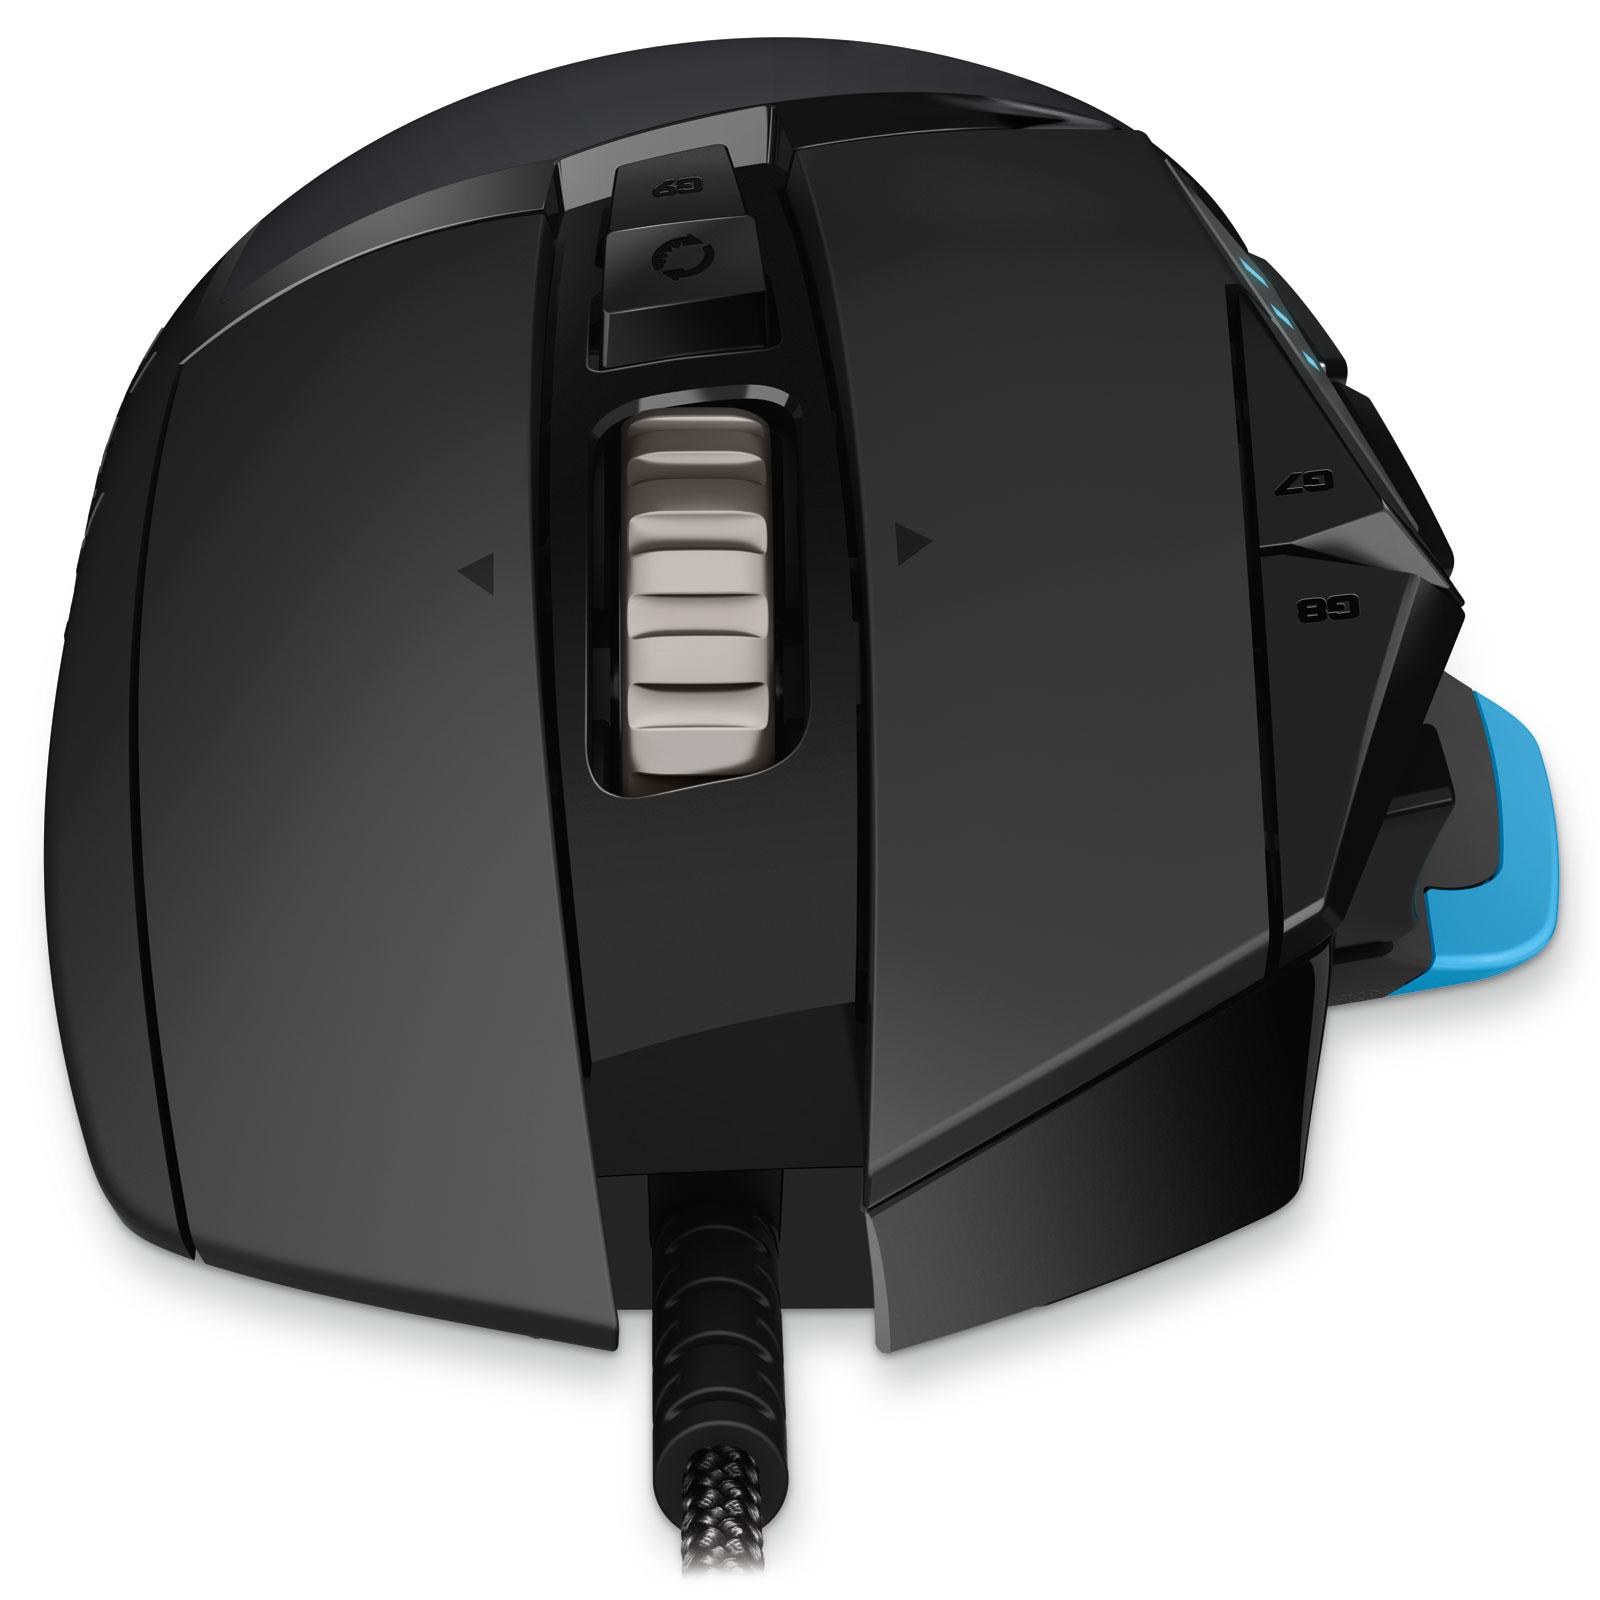 7aa783212e6 Logitech G502 Proteus Core : test, prix et fiche technique - Souris ...